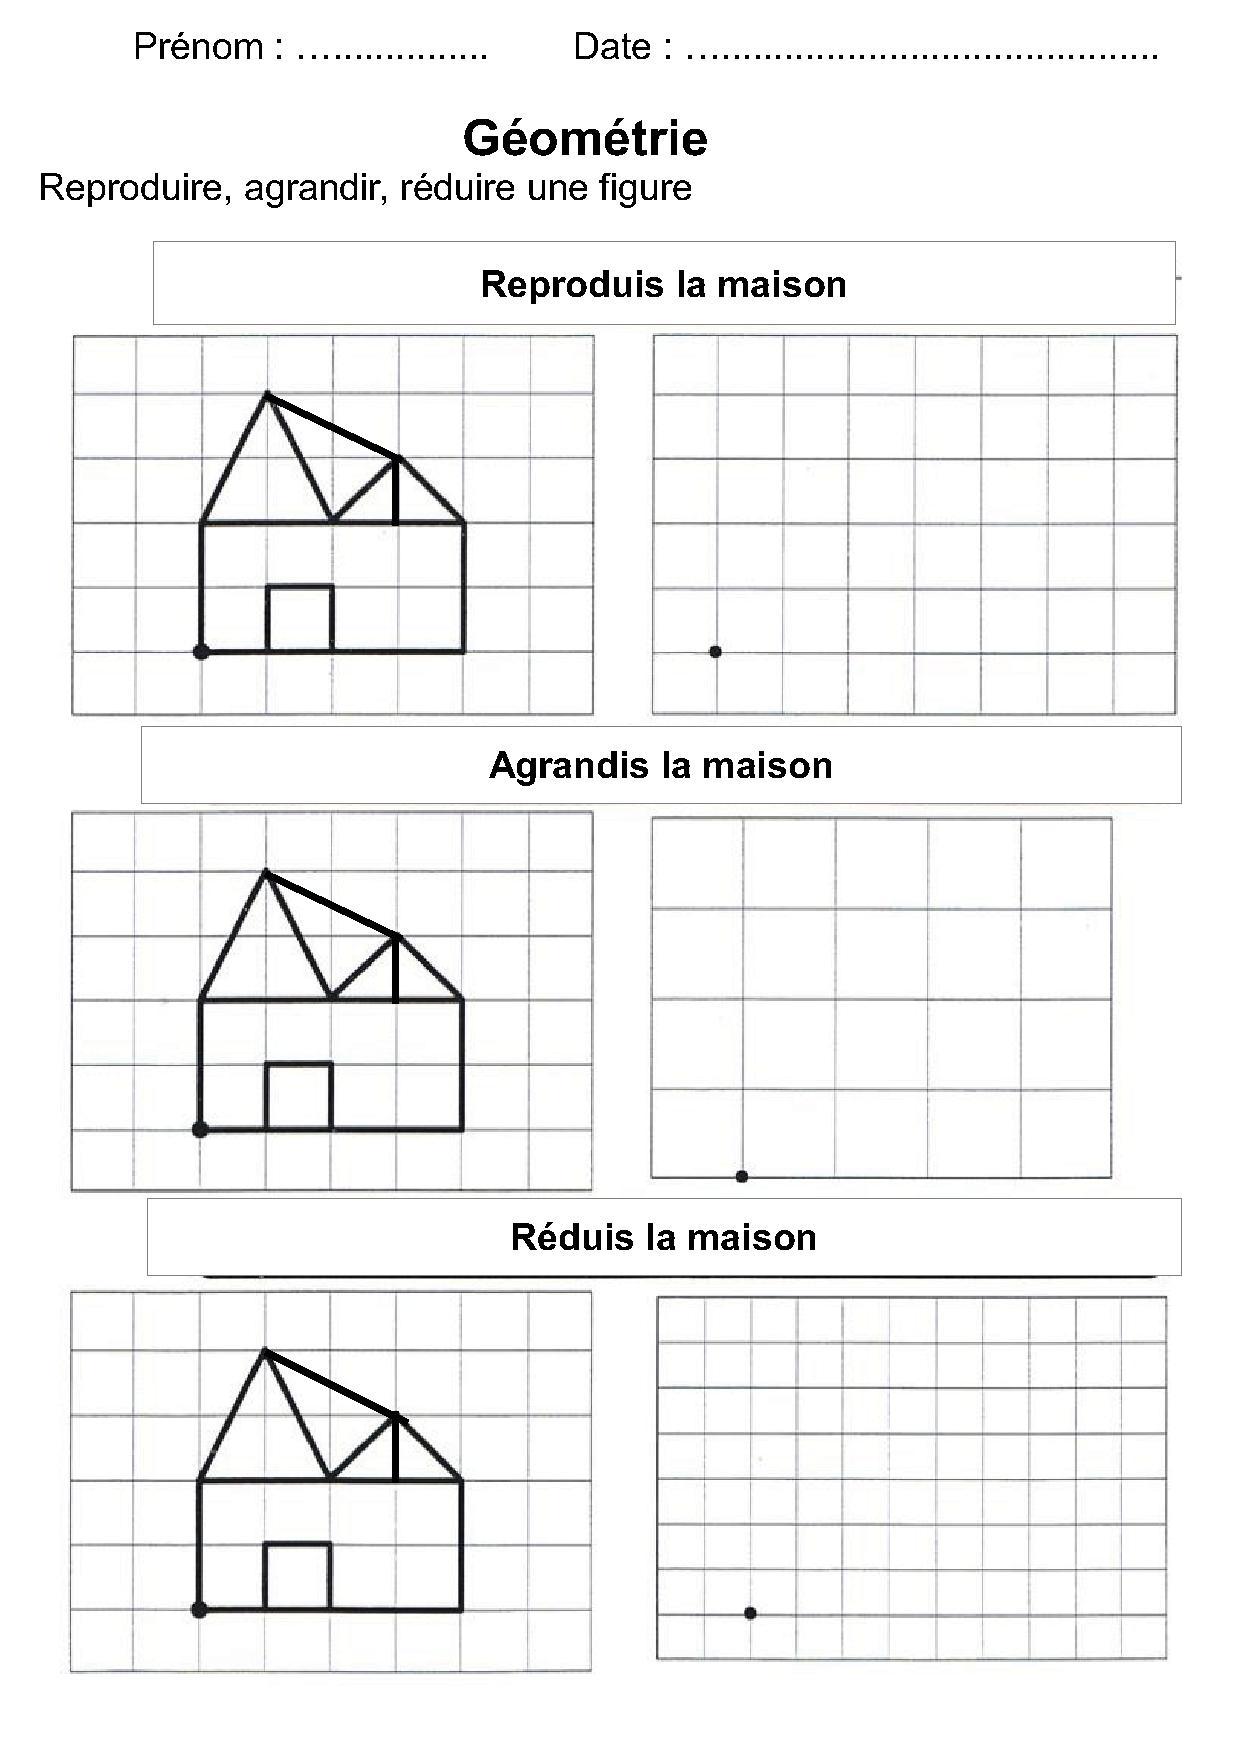 Géométrie Ce1,ce2,la Symétrie,reproduire Une Figure encequiconcerne Reproduire Un Dessin Sur Quadrillage